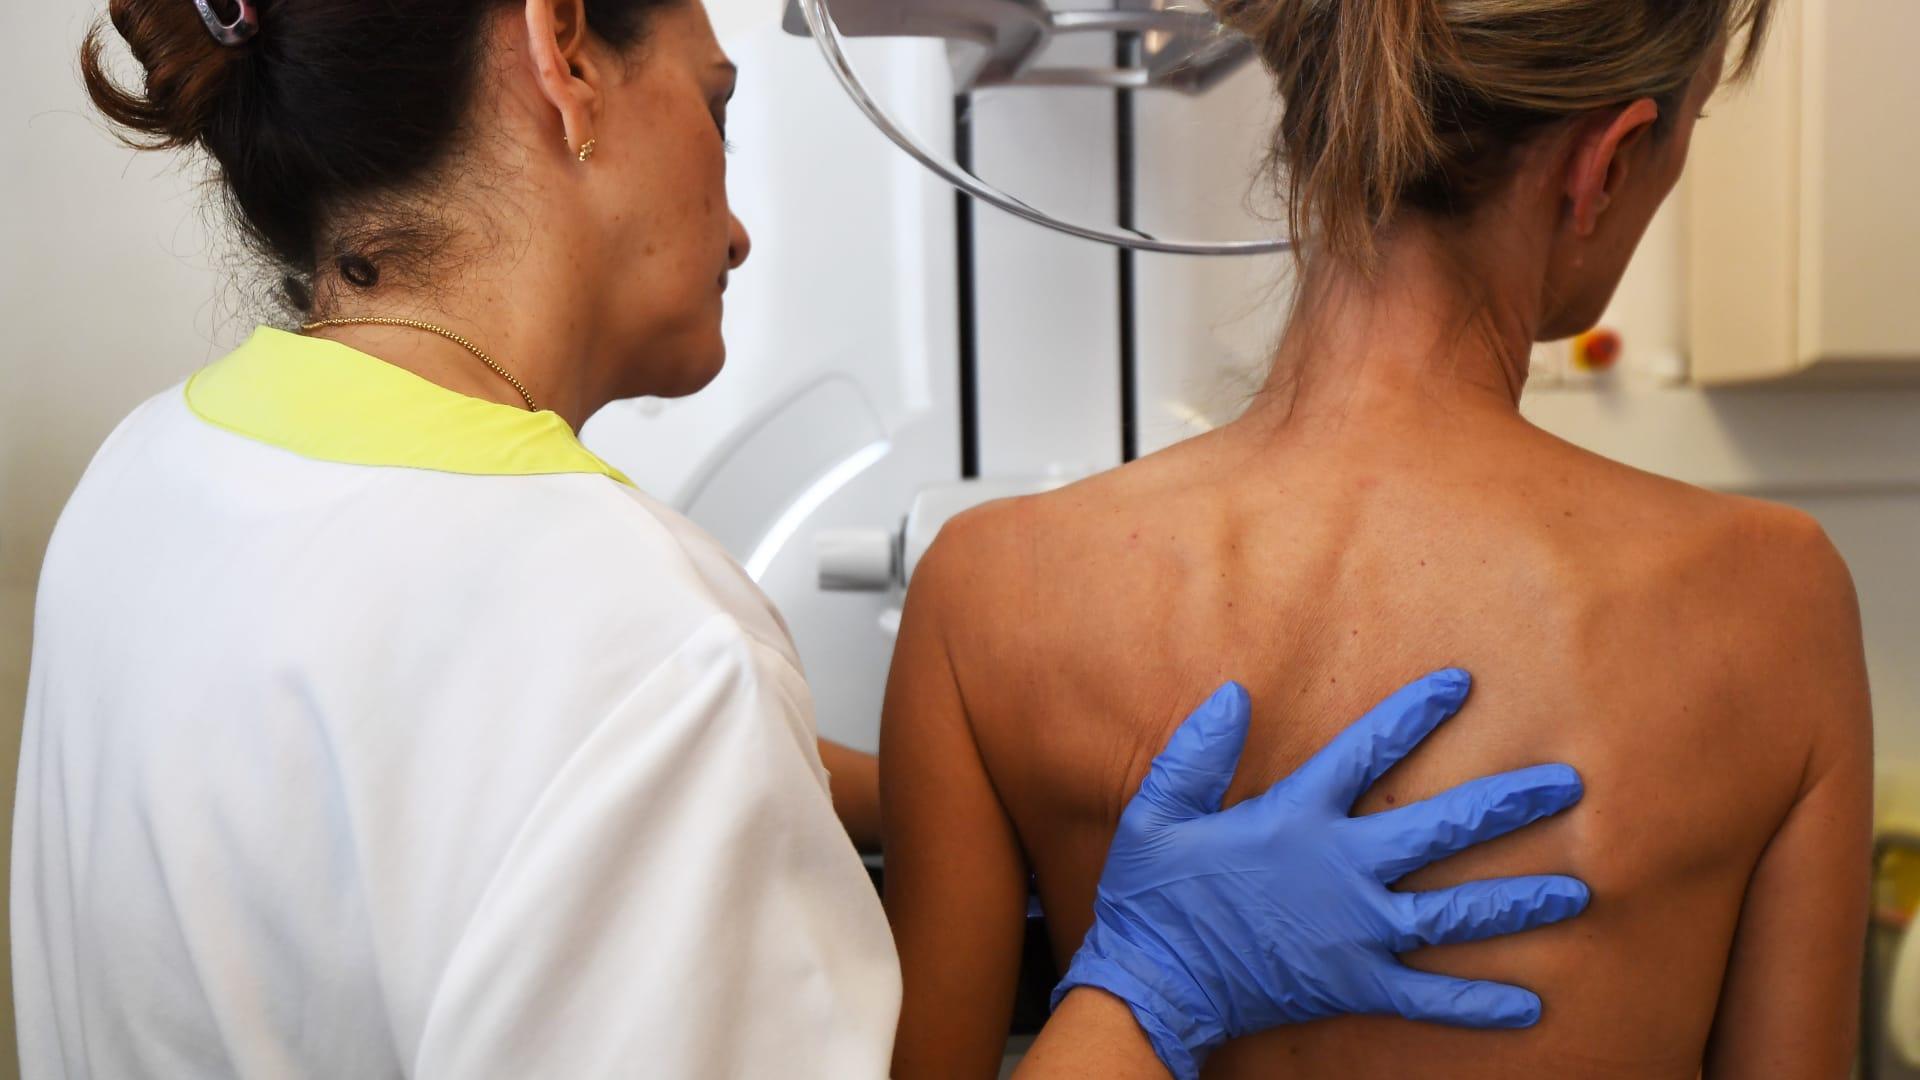 إدارة الغذاء والدواء الأمريكية توافق على علاج لسرطان الثدي من المنزل